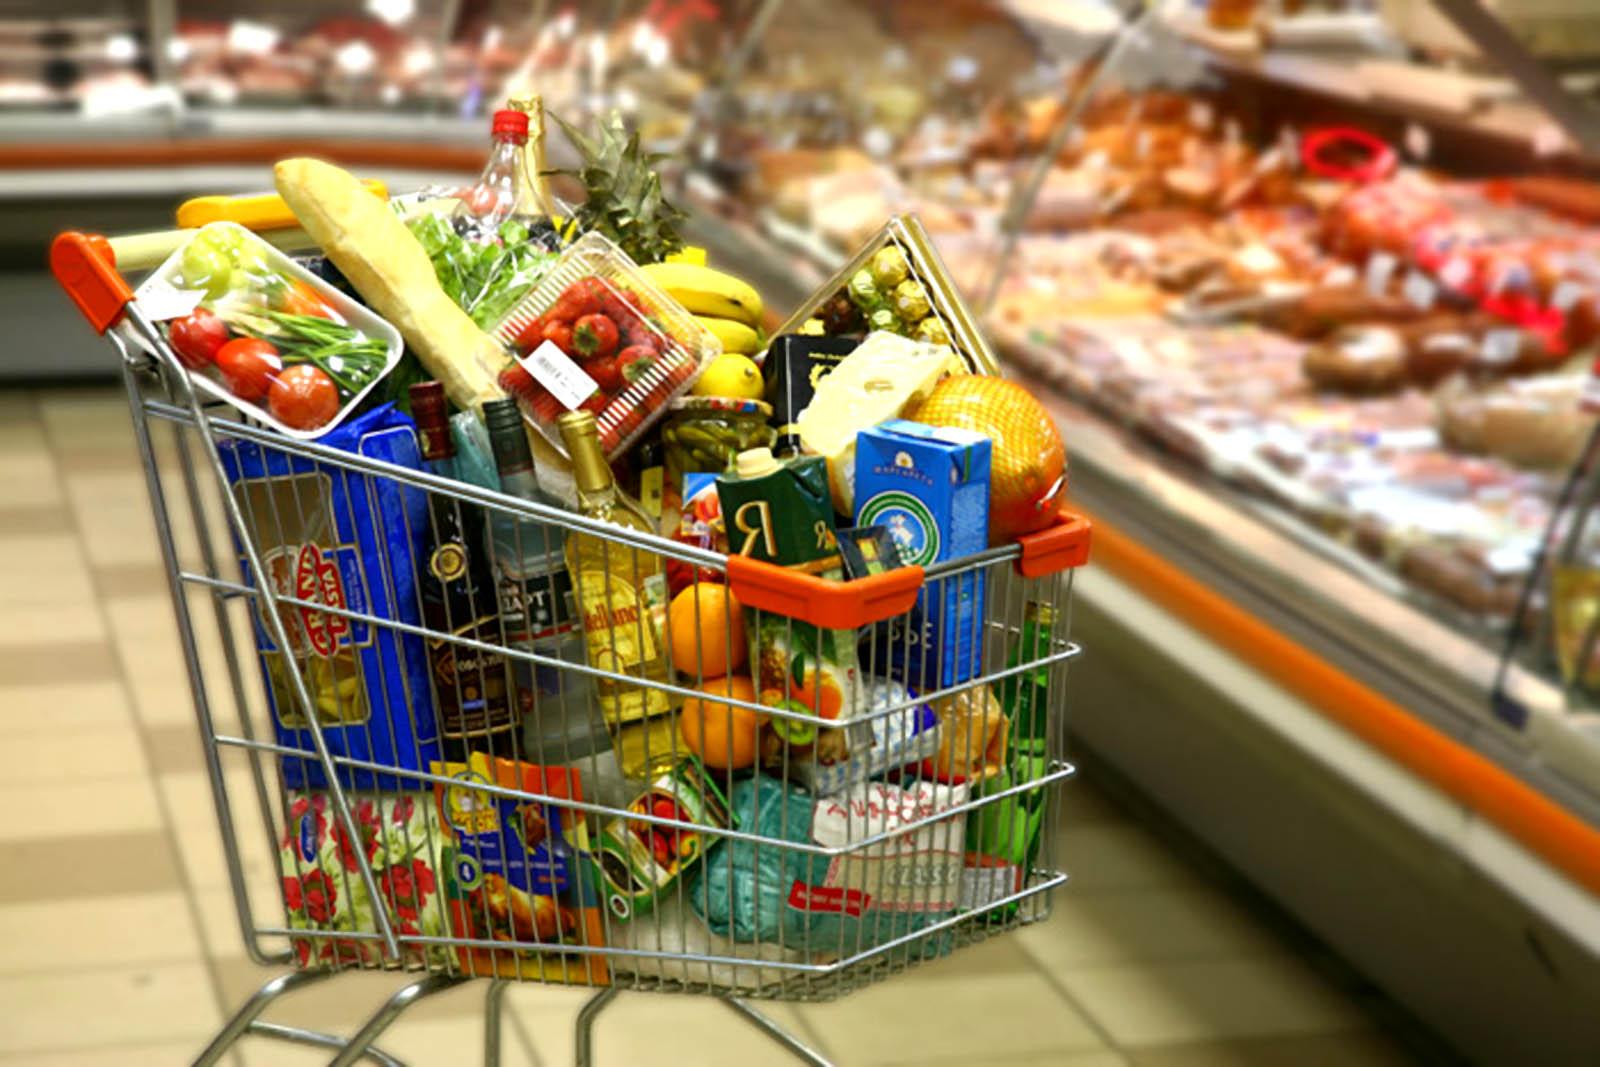 Казахстанцы могут пожаловаться на необоснованный рост цен на продукты